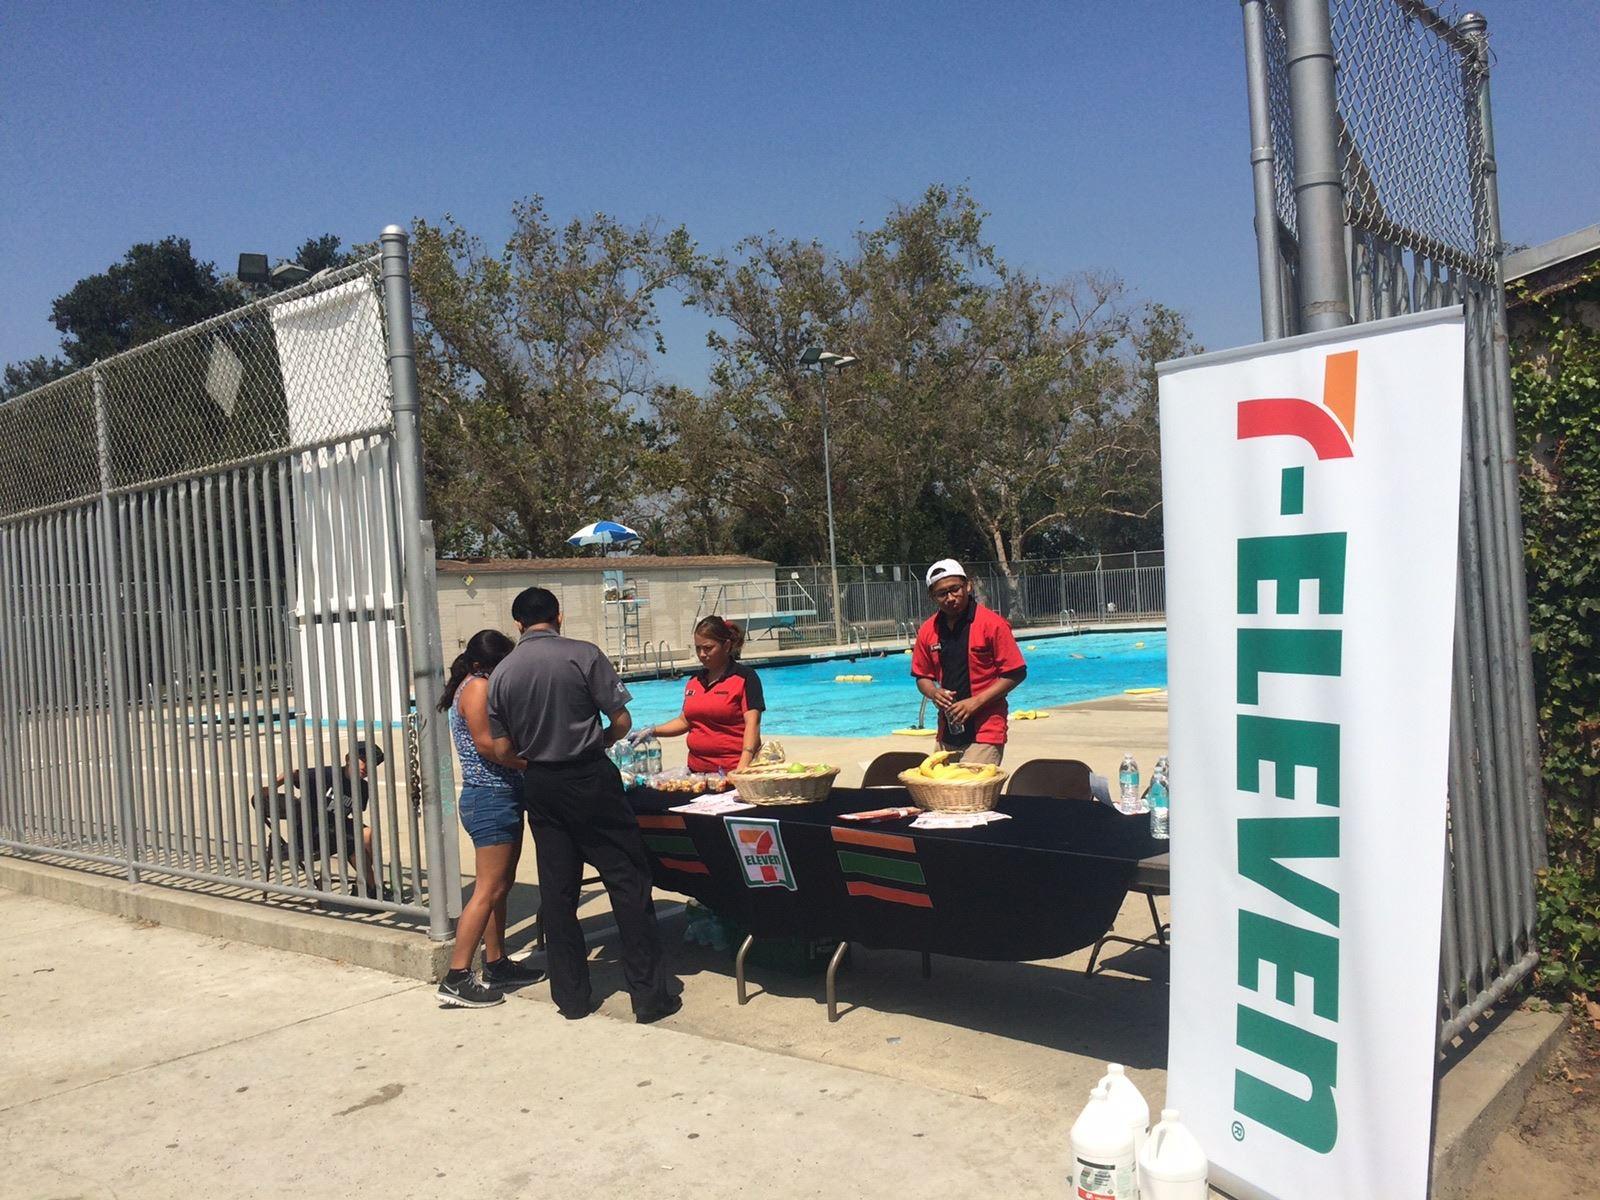 youth swim free canyon news